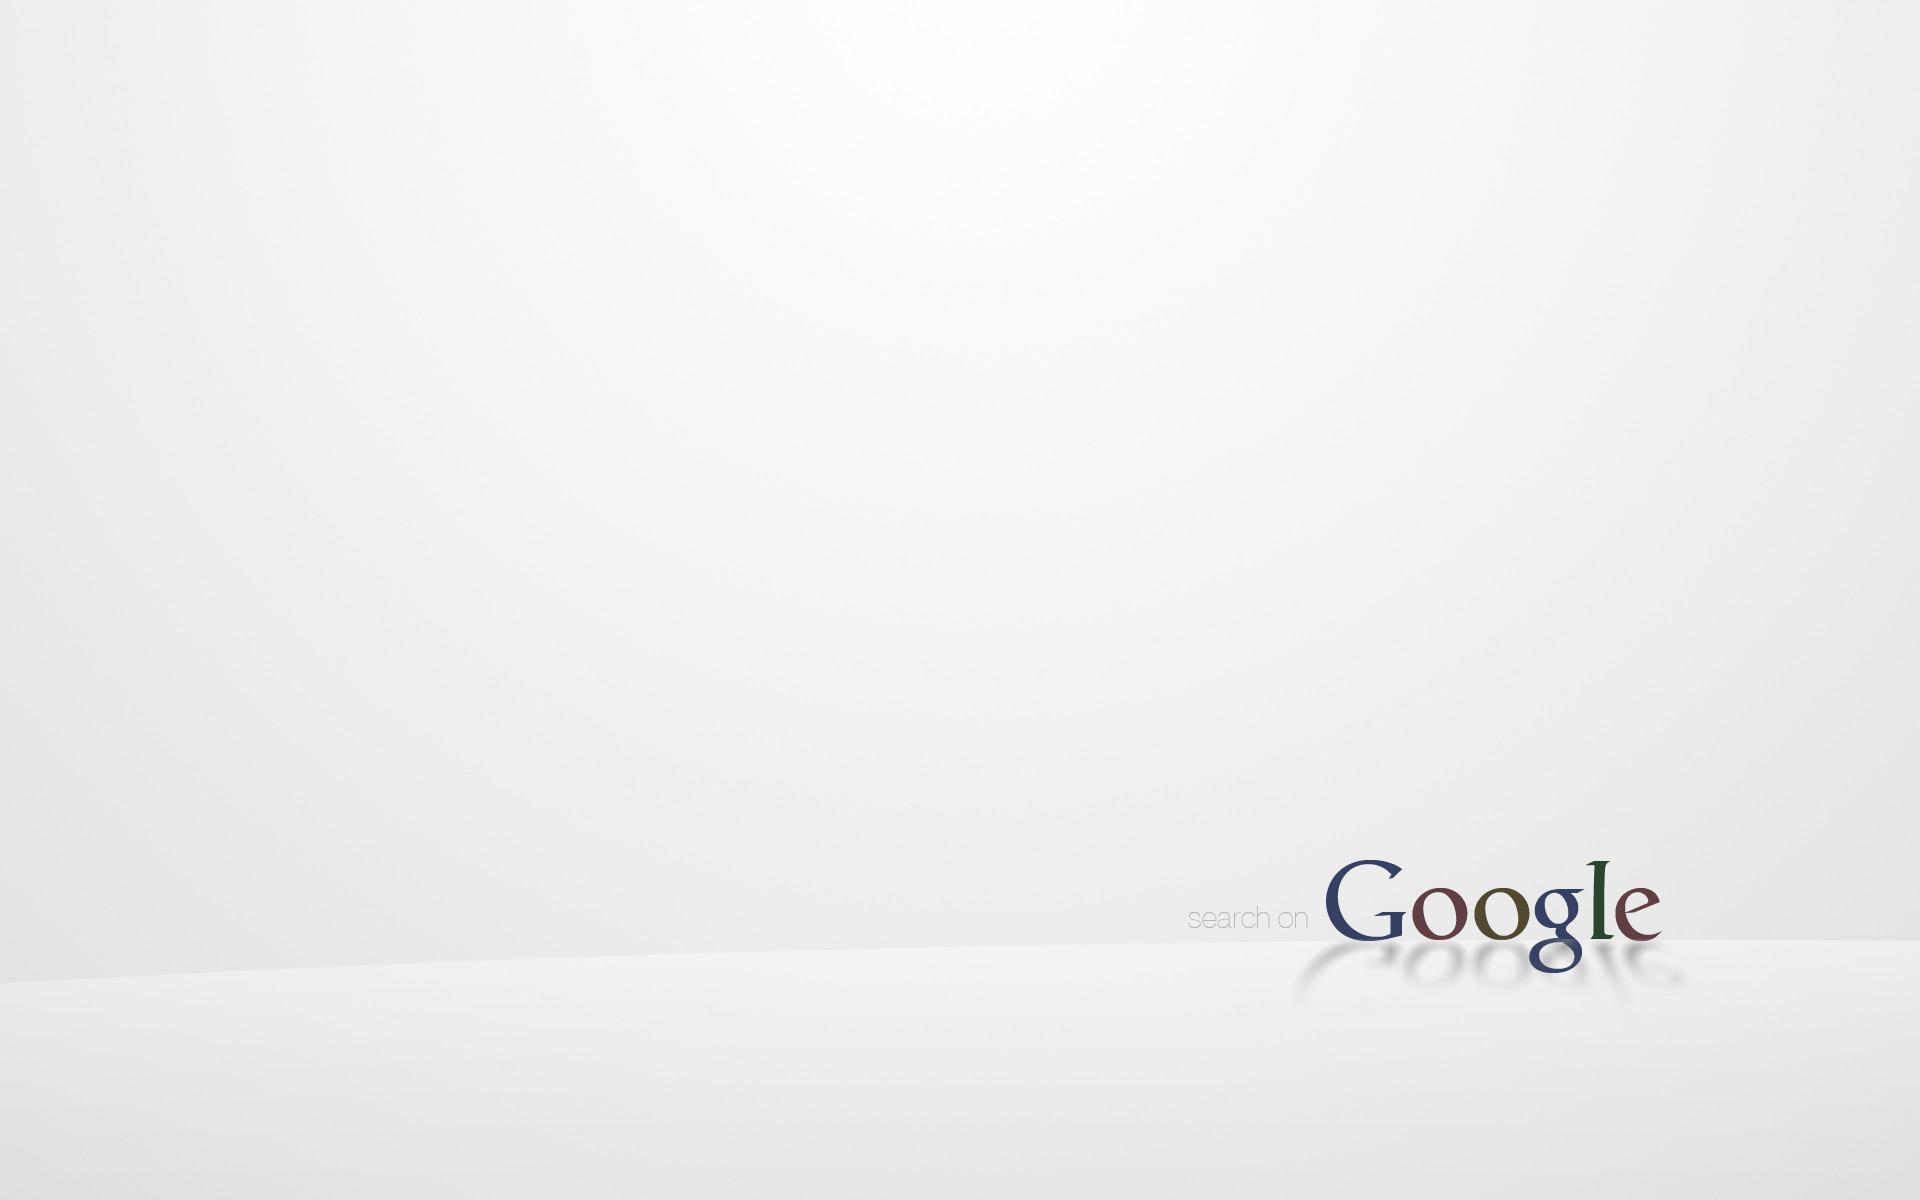 Google Desktop Backgrounds 50 images 1920x1200